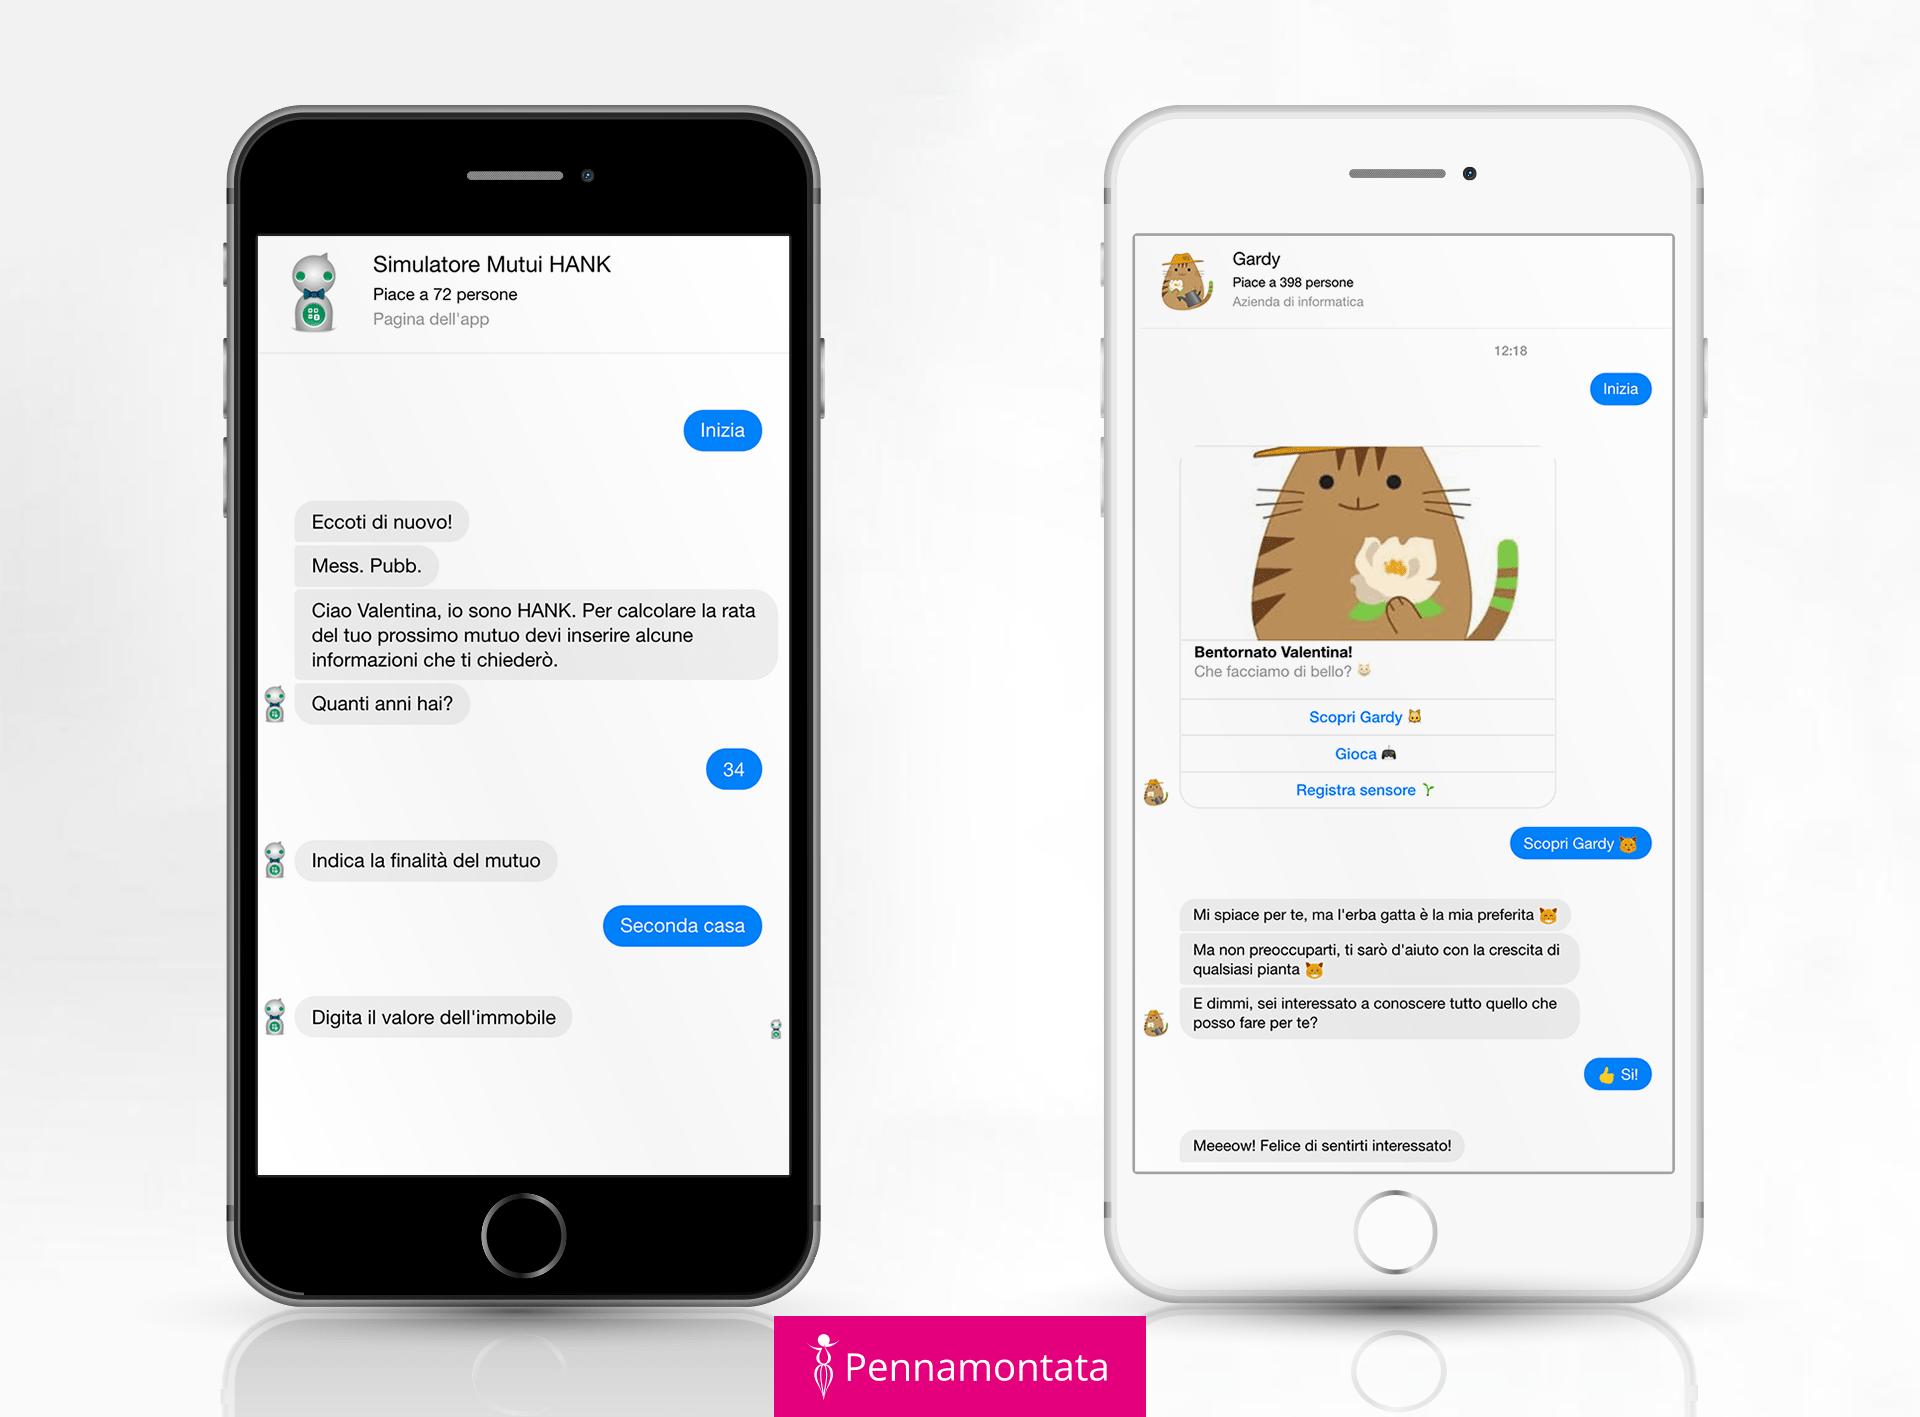 esempi tono di voce chatbot 3